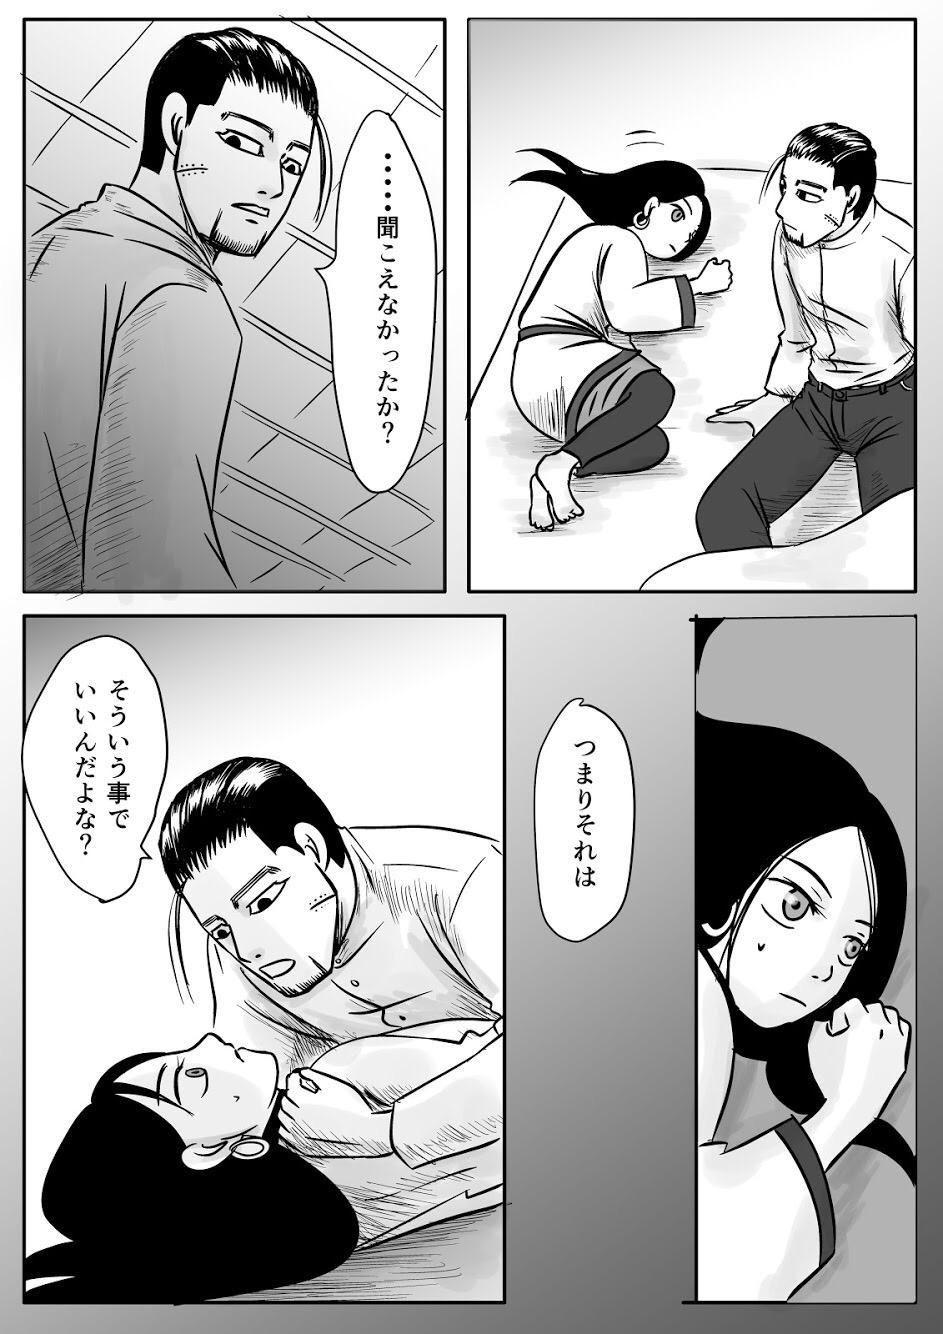 Toko no Koto 5